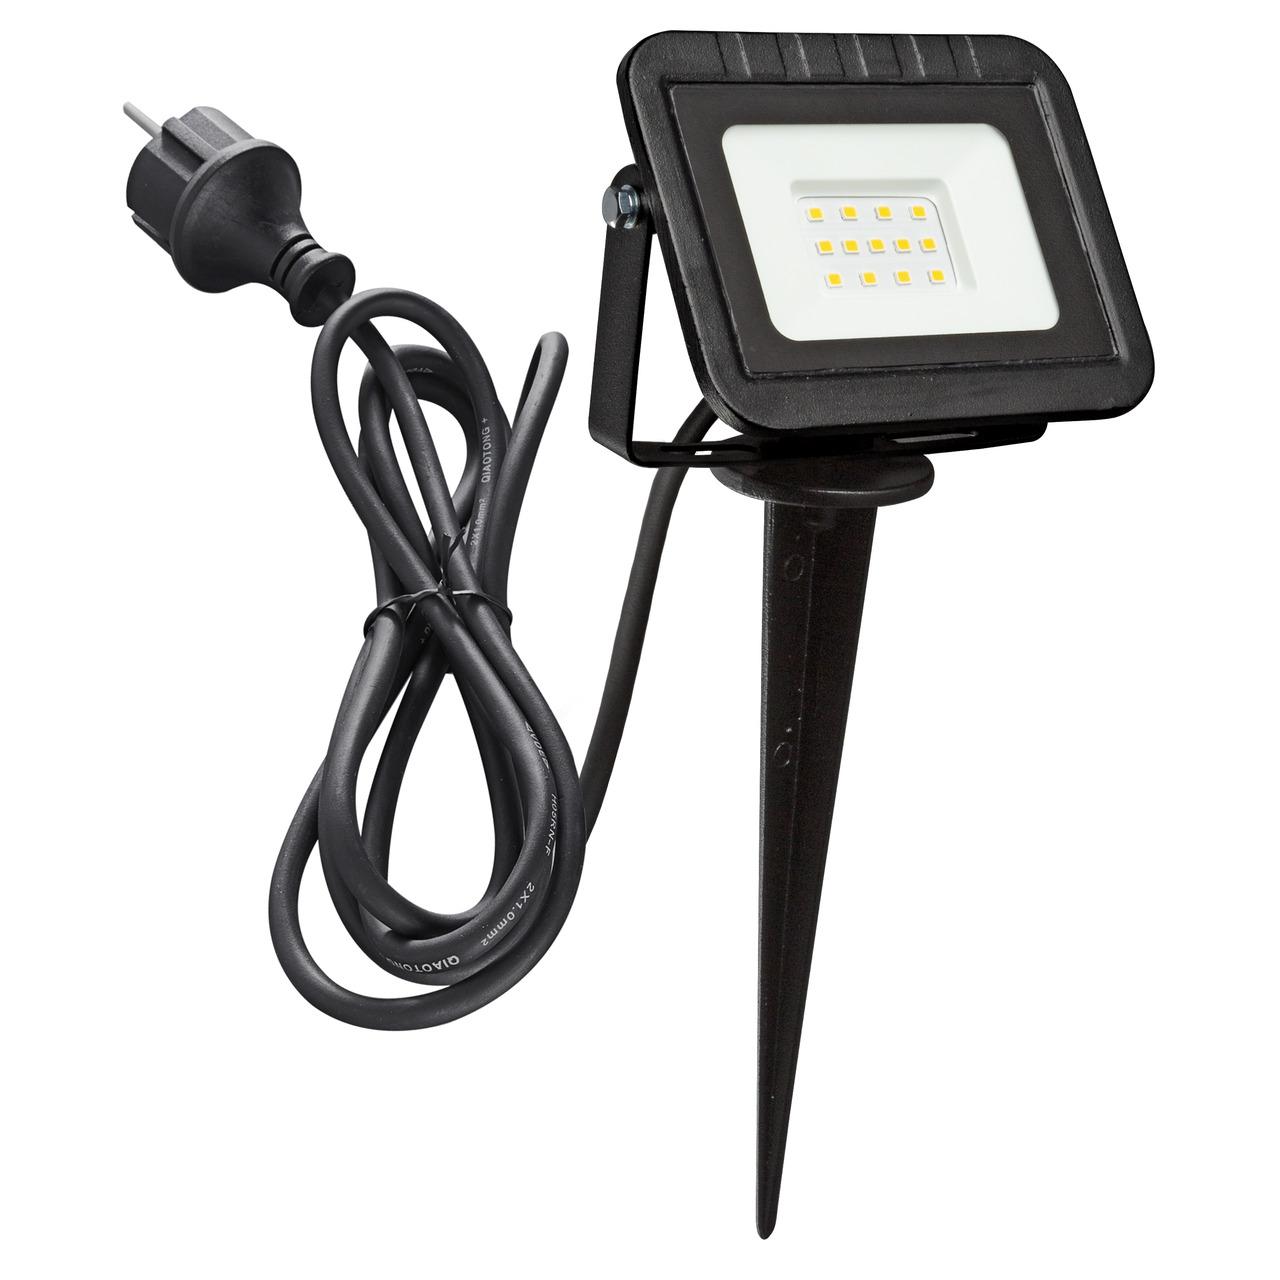 HEITRONIC 10-W-LED-Flutlichtstrahler YORK- mit Erdspiess- Anschlussleitung mit Stecker- IP44- schwarz